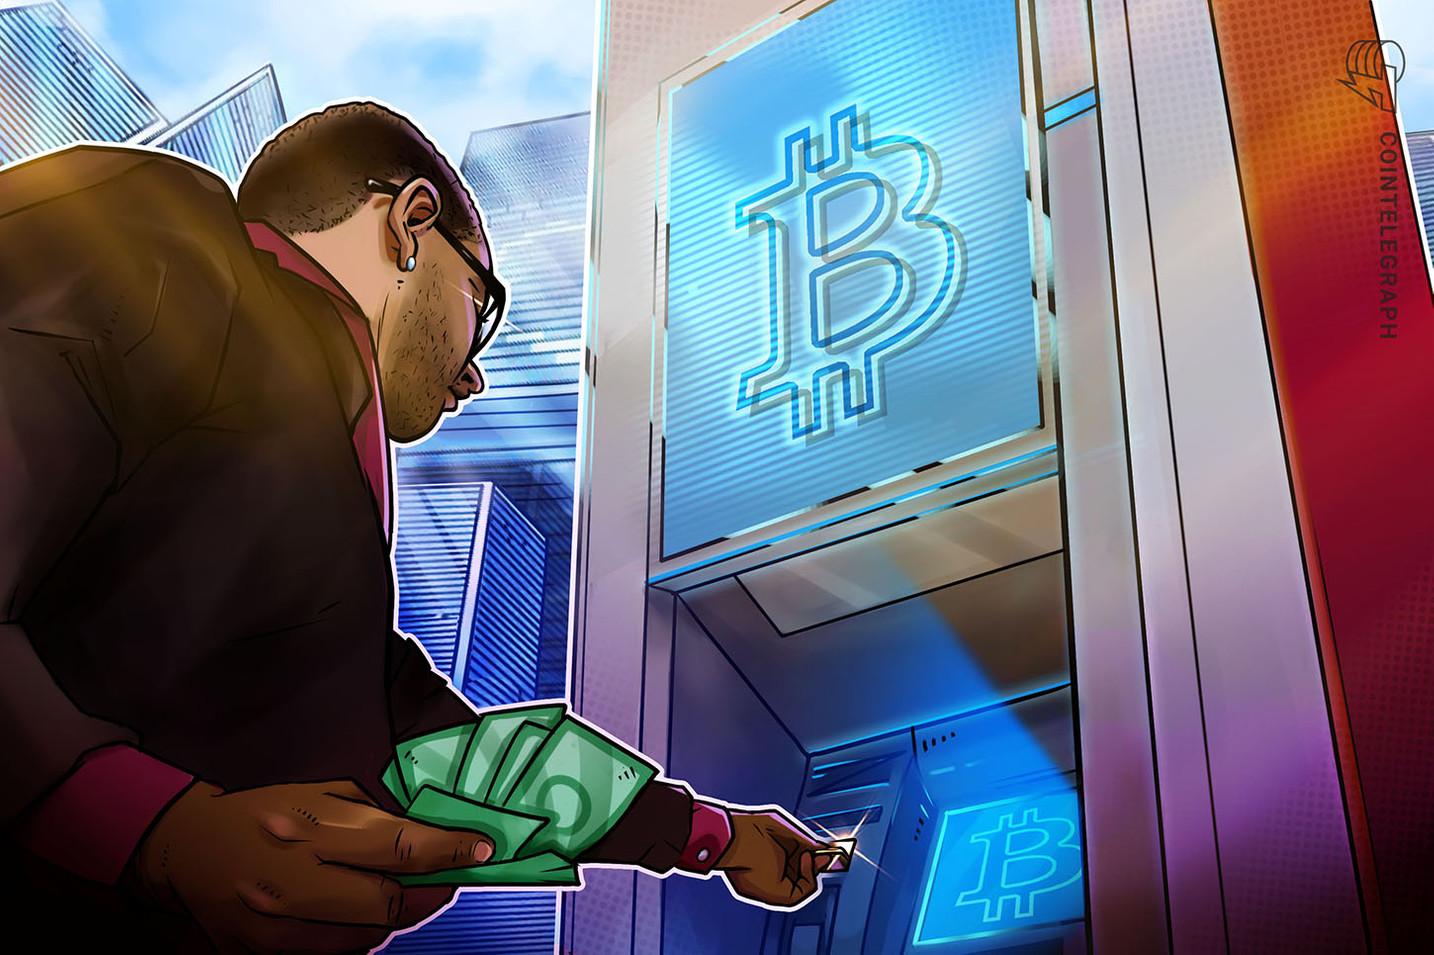 Bitcoin para sa cash: Ginagawa bang madali ng mga crypto ATM ang pagbili ng BTC para sa pangunahing?